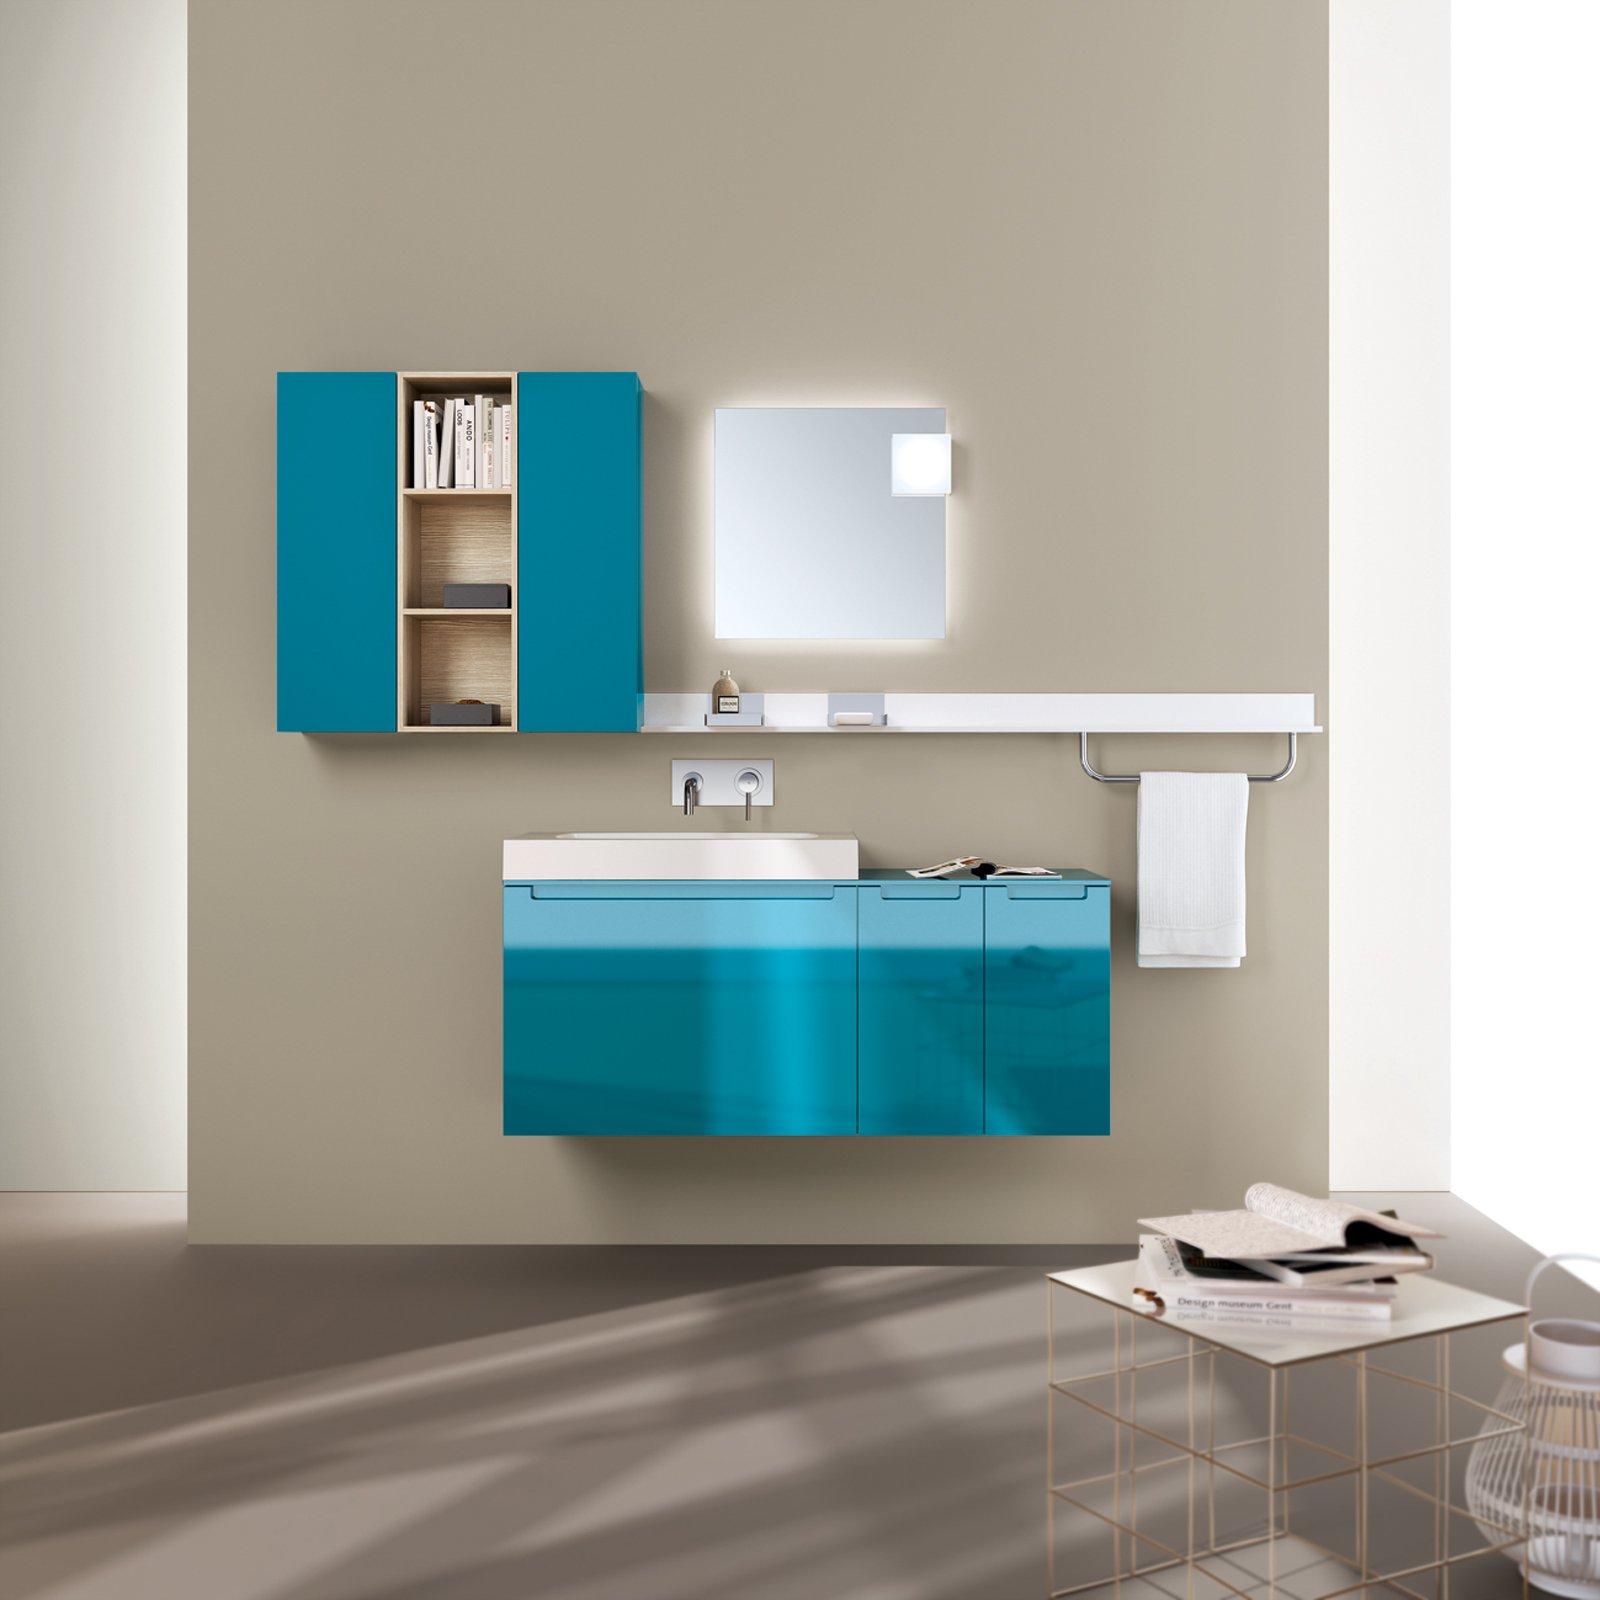 Mobili etnici bagno : mobili etnici per il bagno. mobili etnici da ...